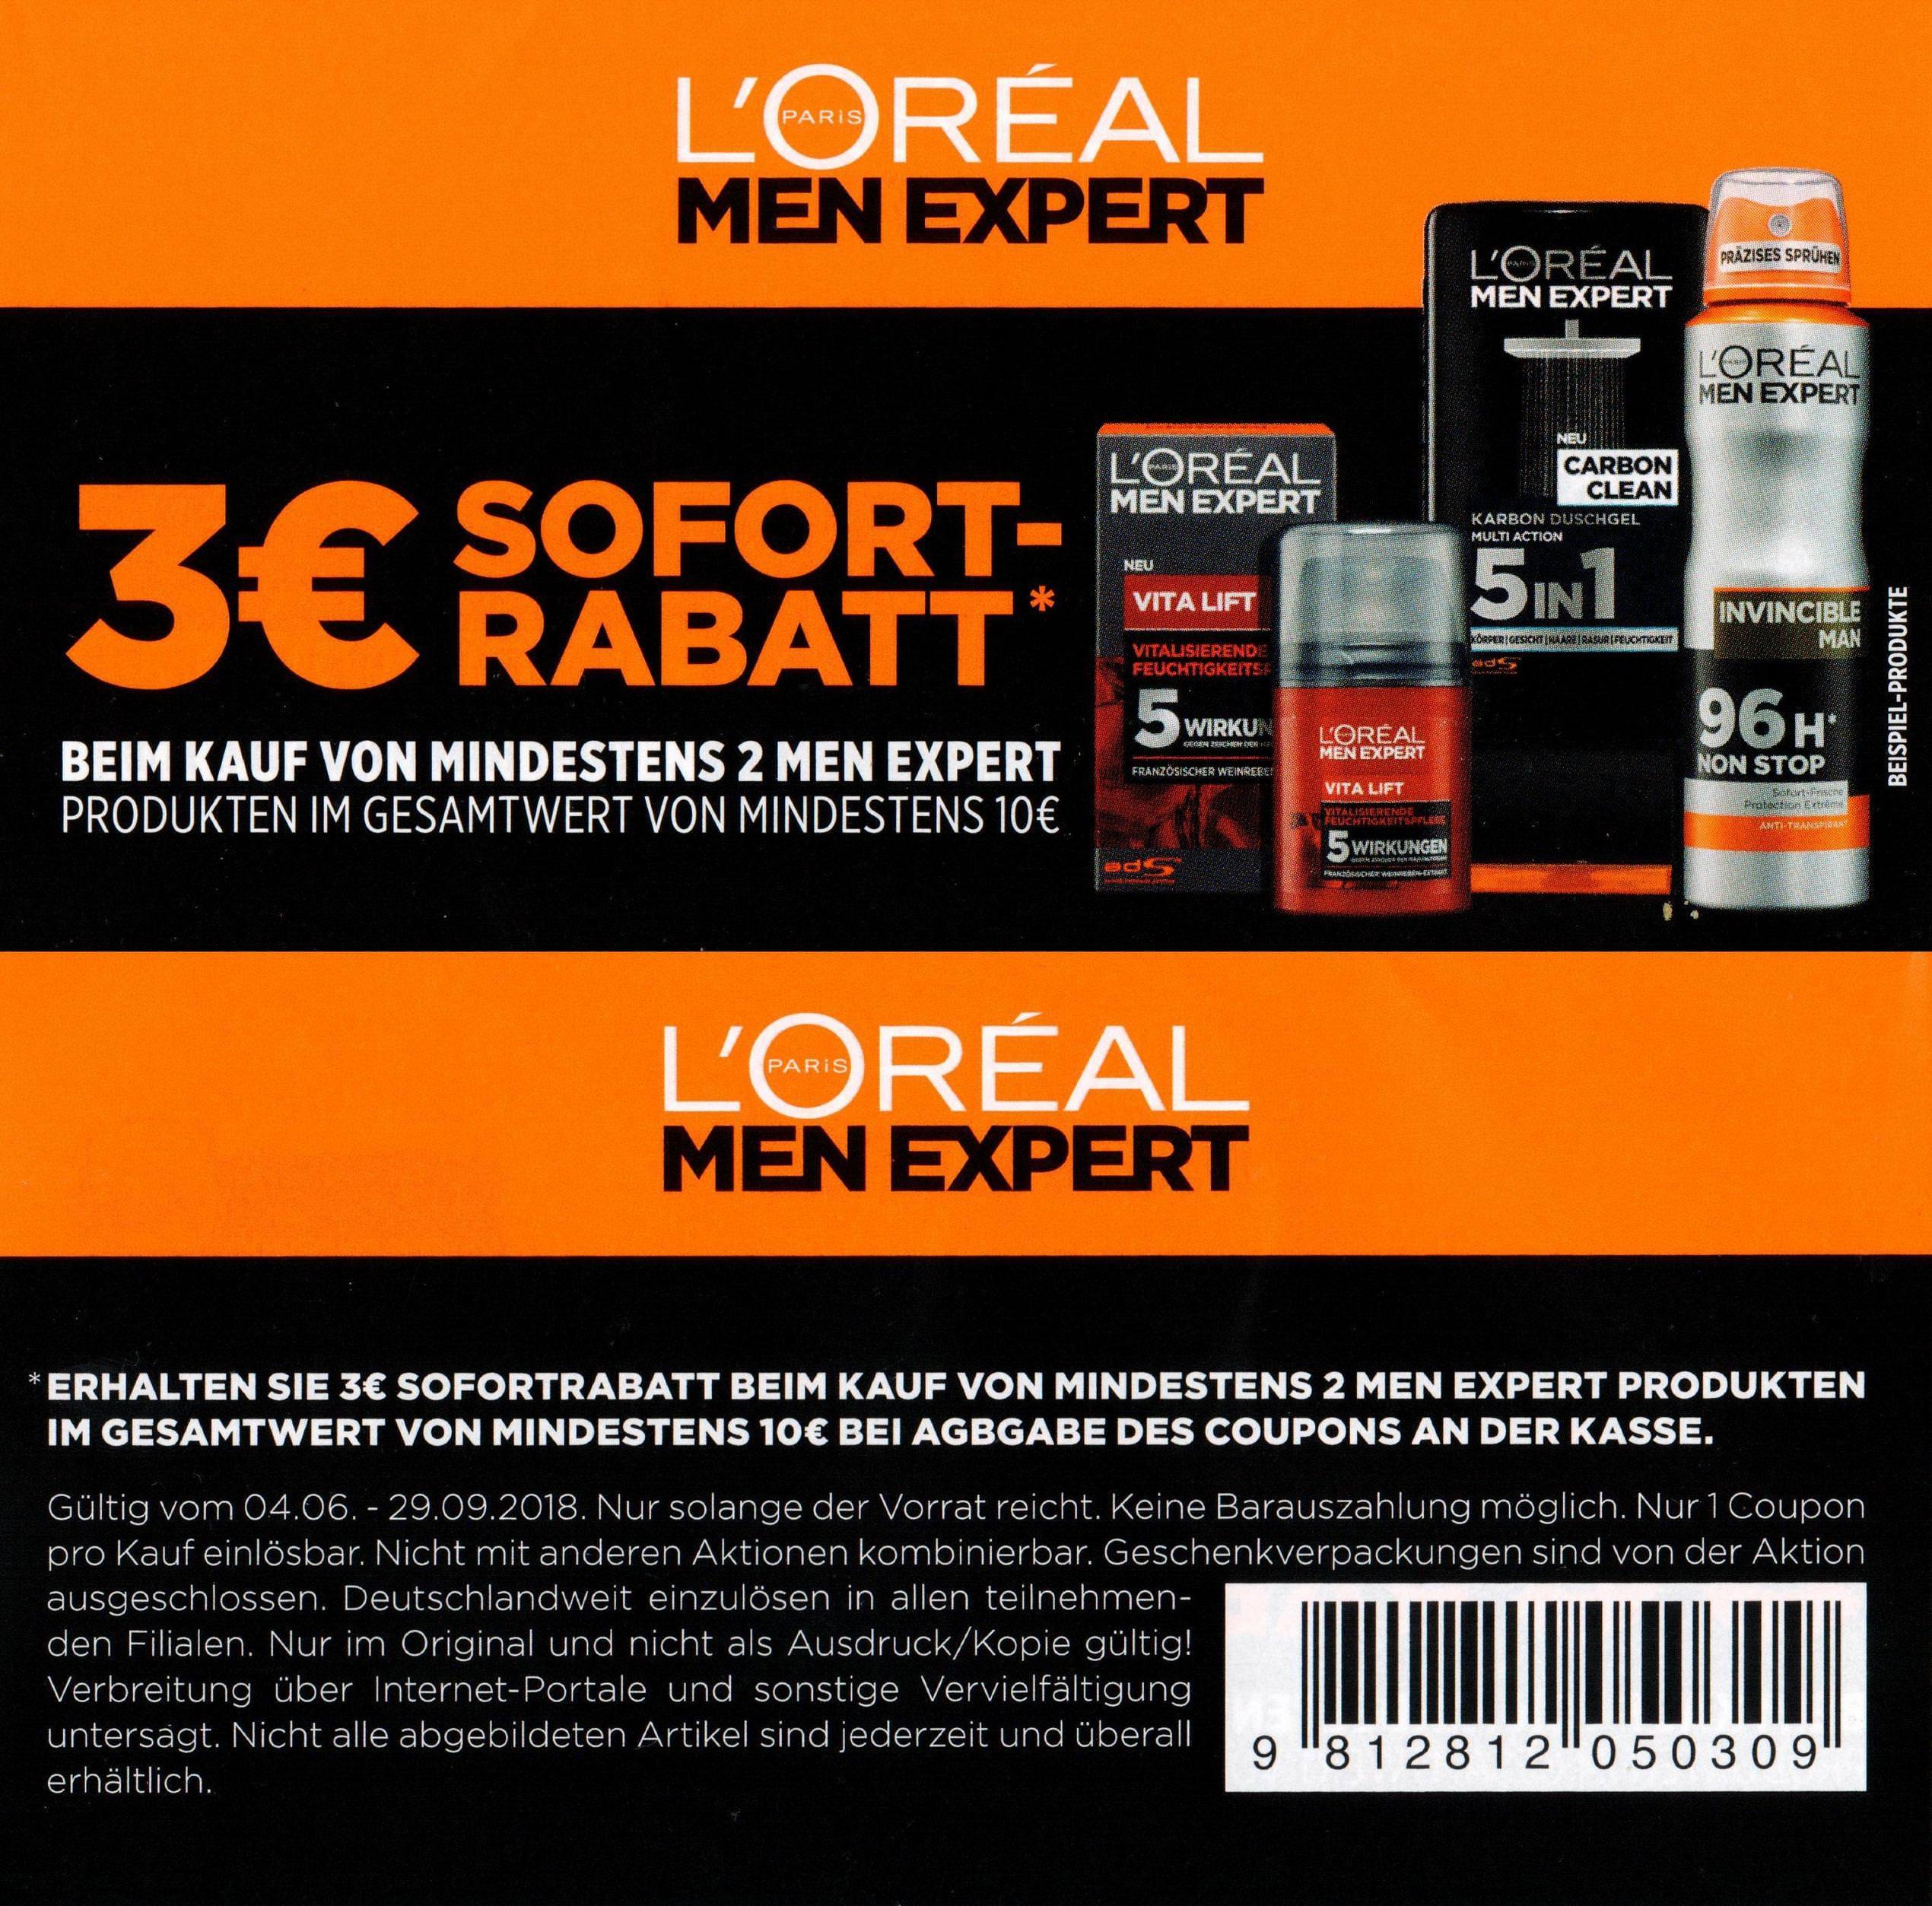 Neuer 3,00€ Coupon für min. 2x L'Oréal Men Expert Produkte im Wert von min. 10€ bis 29.09.2018 [Bundesweit]